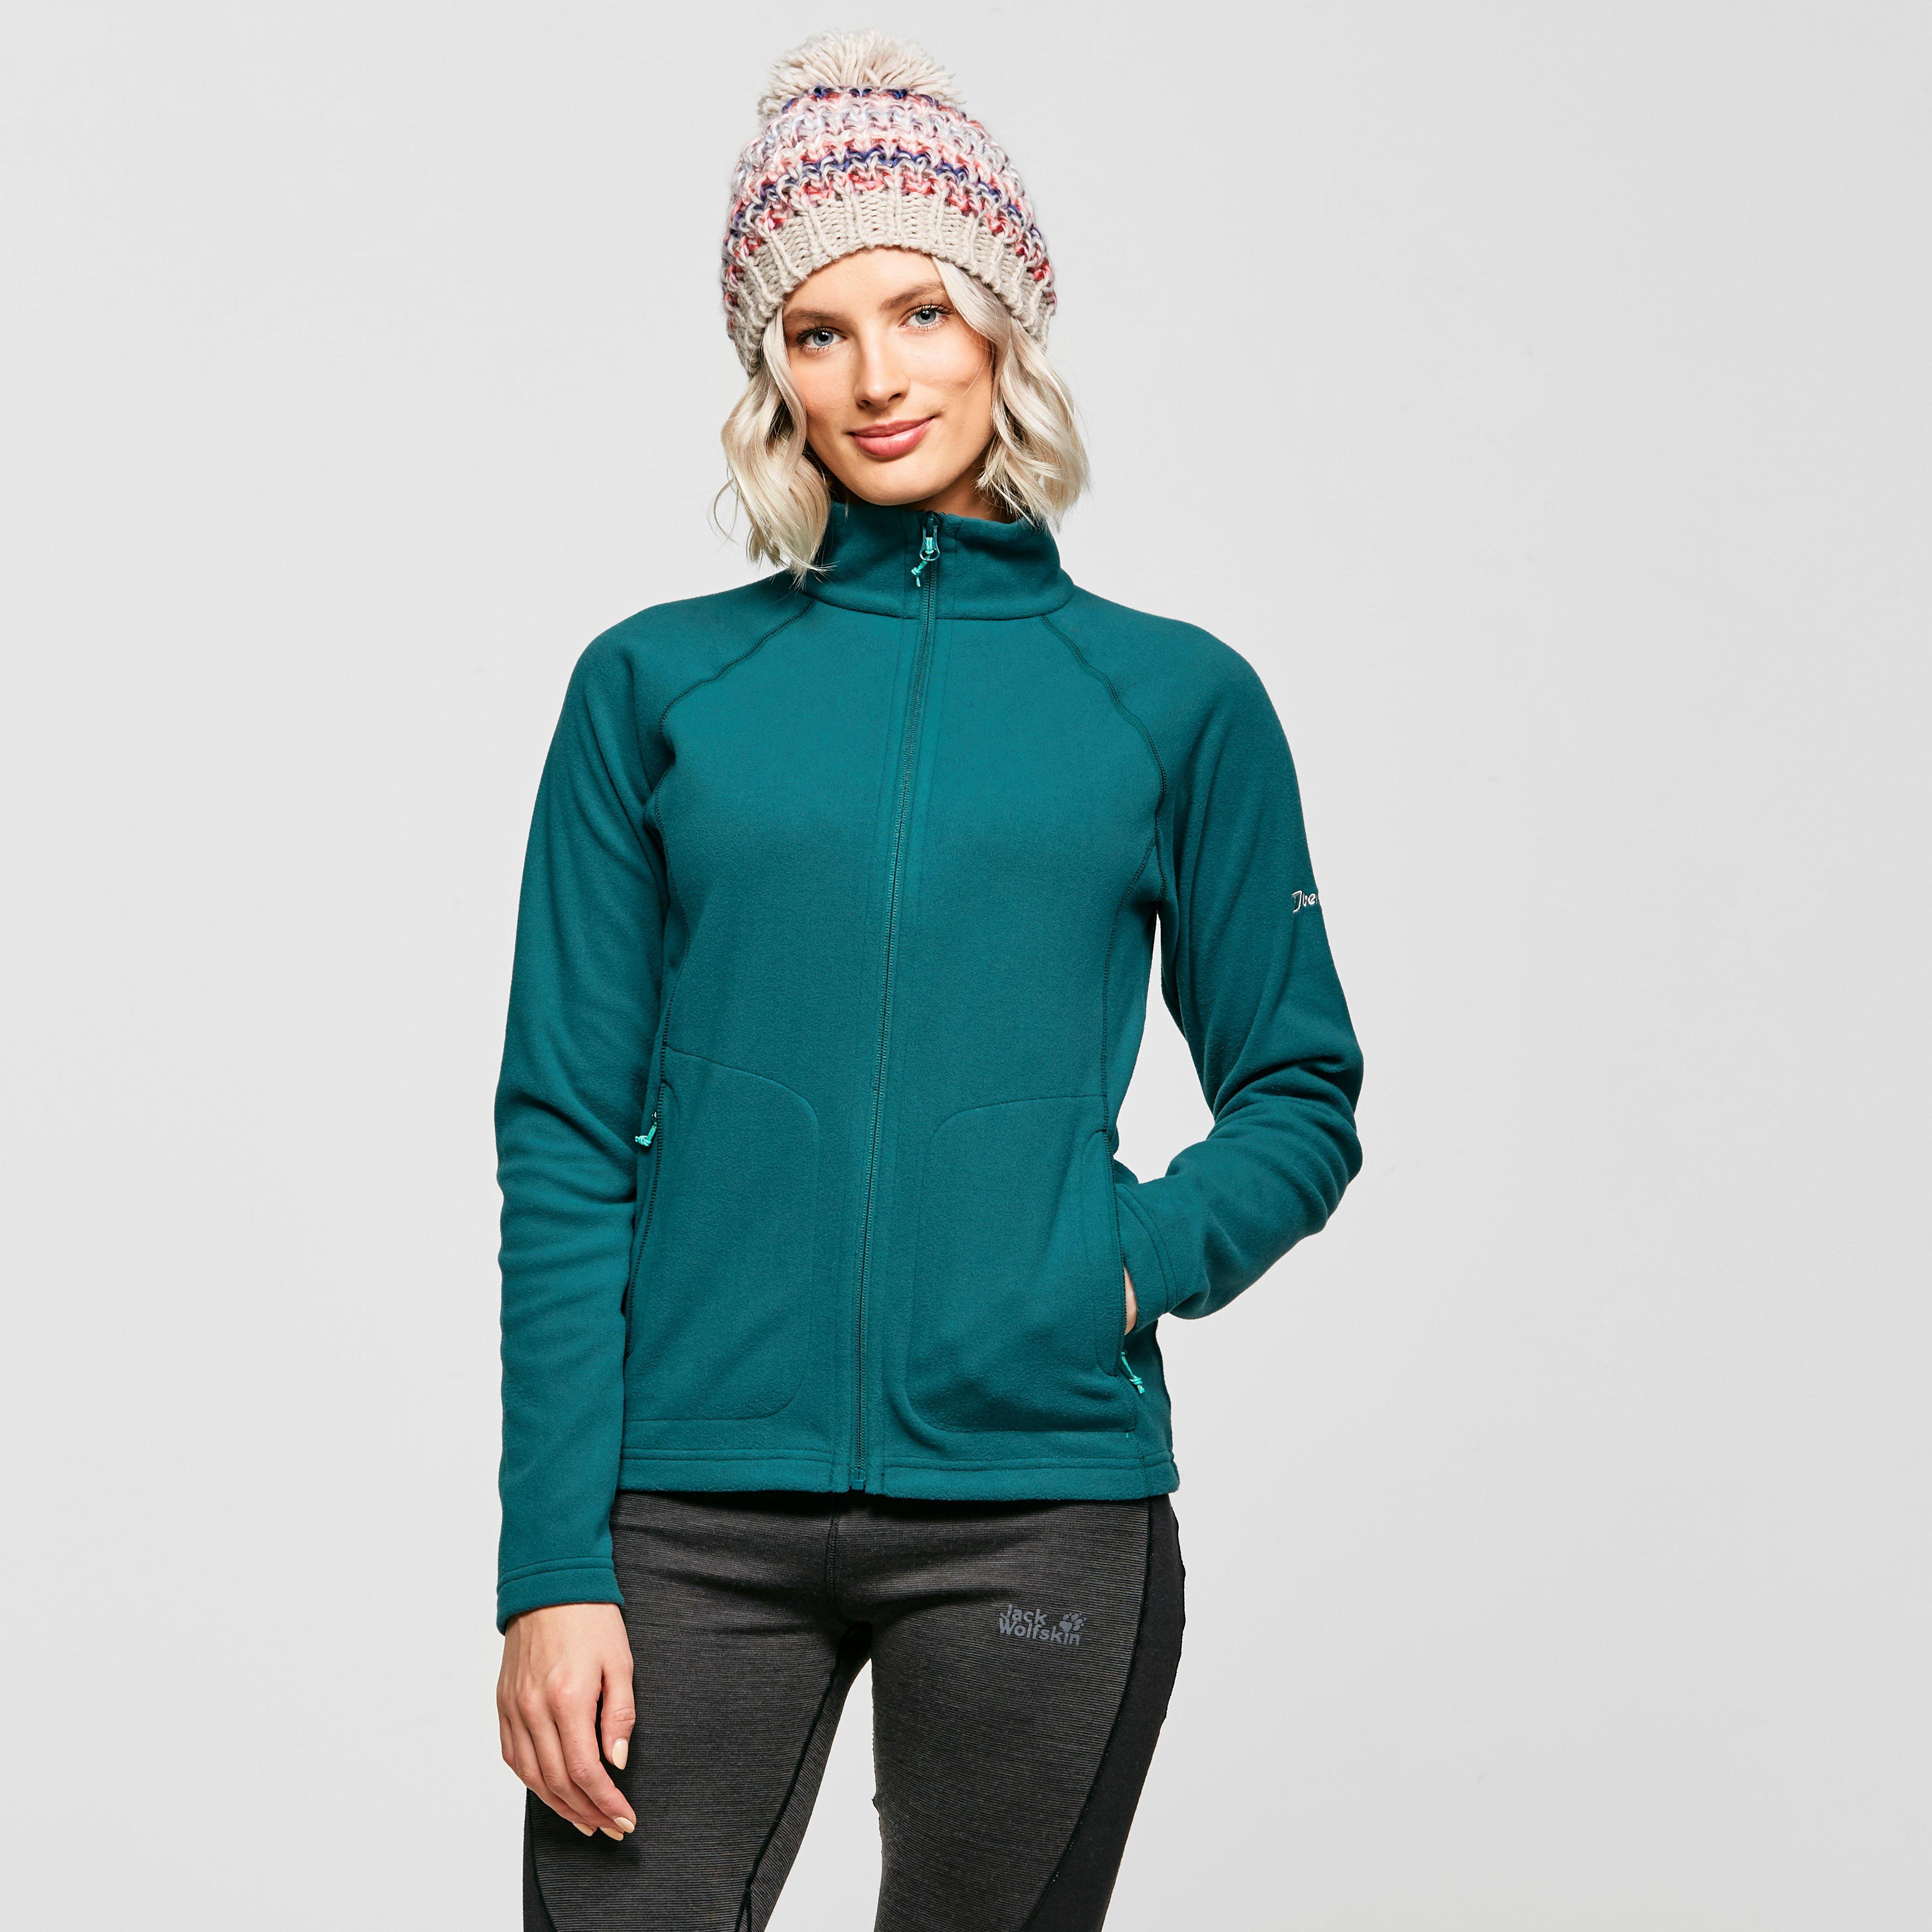 Berghaus Womens Hartsop Full-zip Fleece - Green/grn$  Green/grn$